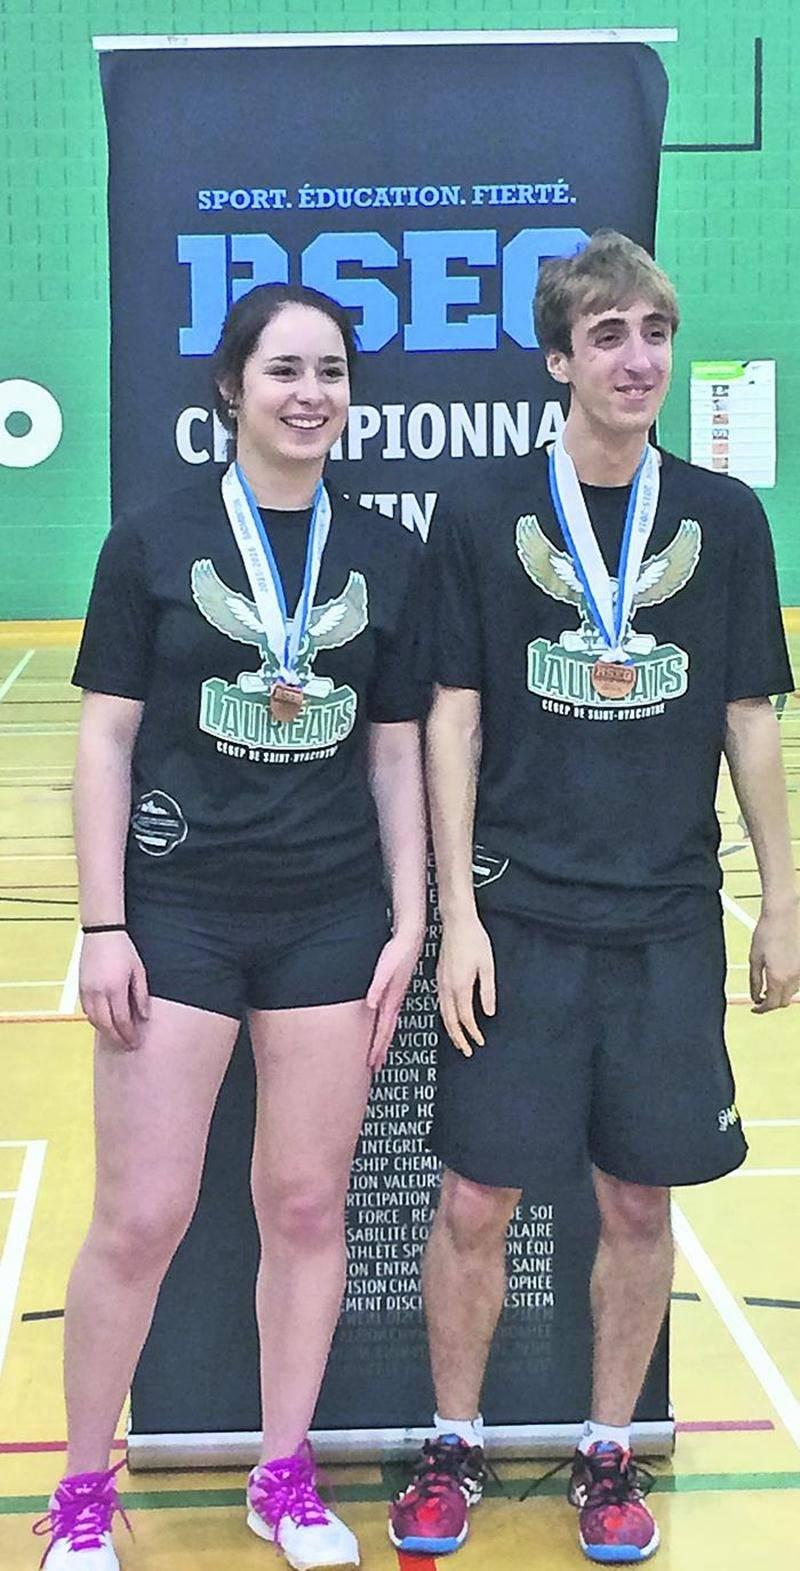 Les Lauréats ont pu compter sur Félix-Antoine Vadnais et Kim Lavallée pour monter sur le podium au championant provincial collégial de badminton. Photo Courtoisie Cégep de Saint-Hyacinthe